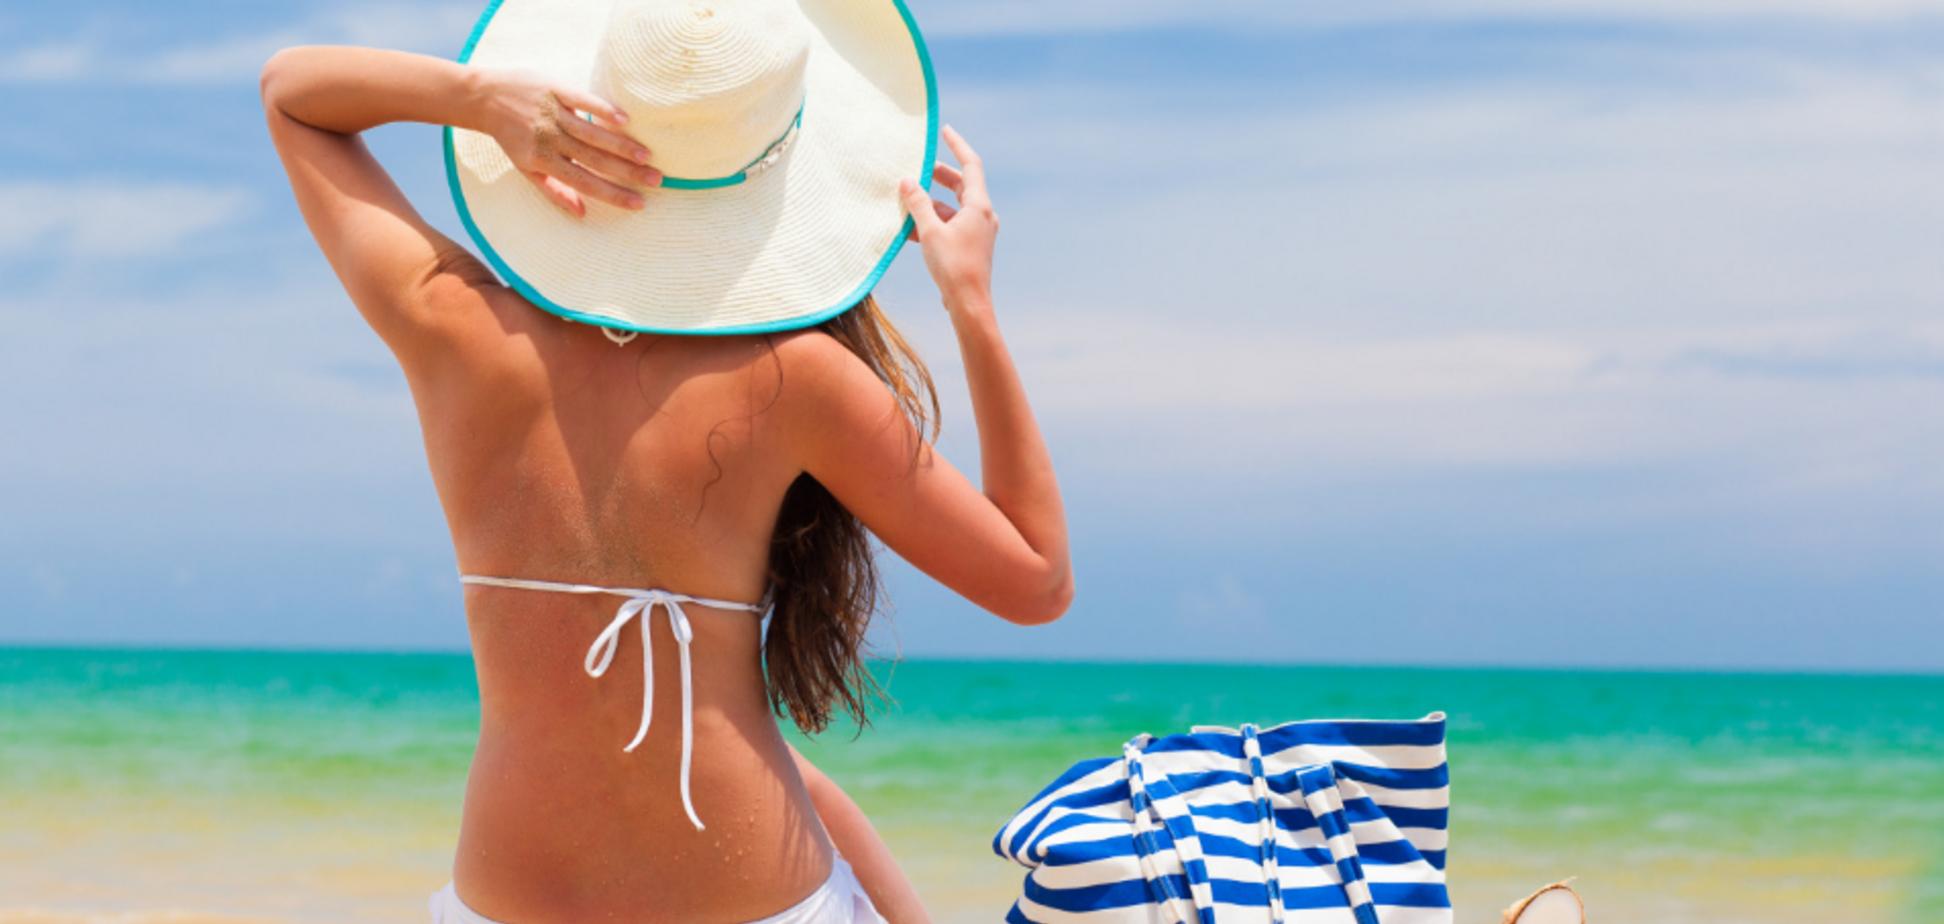 Як безпечно провести літню відпустку під час пандемії: поради туристам